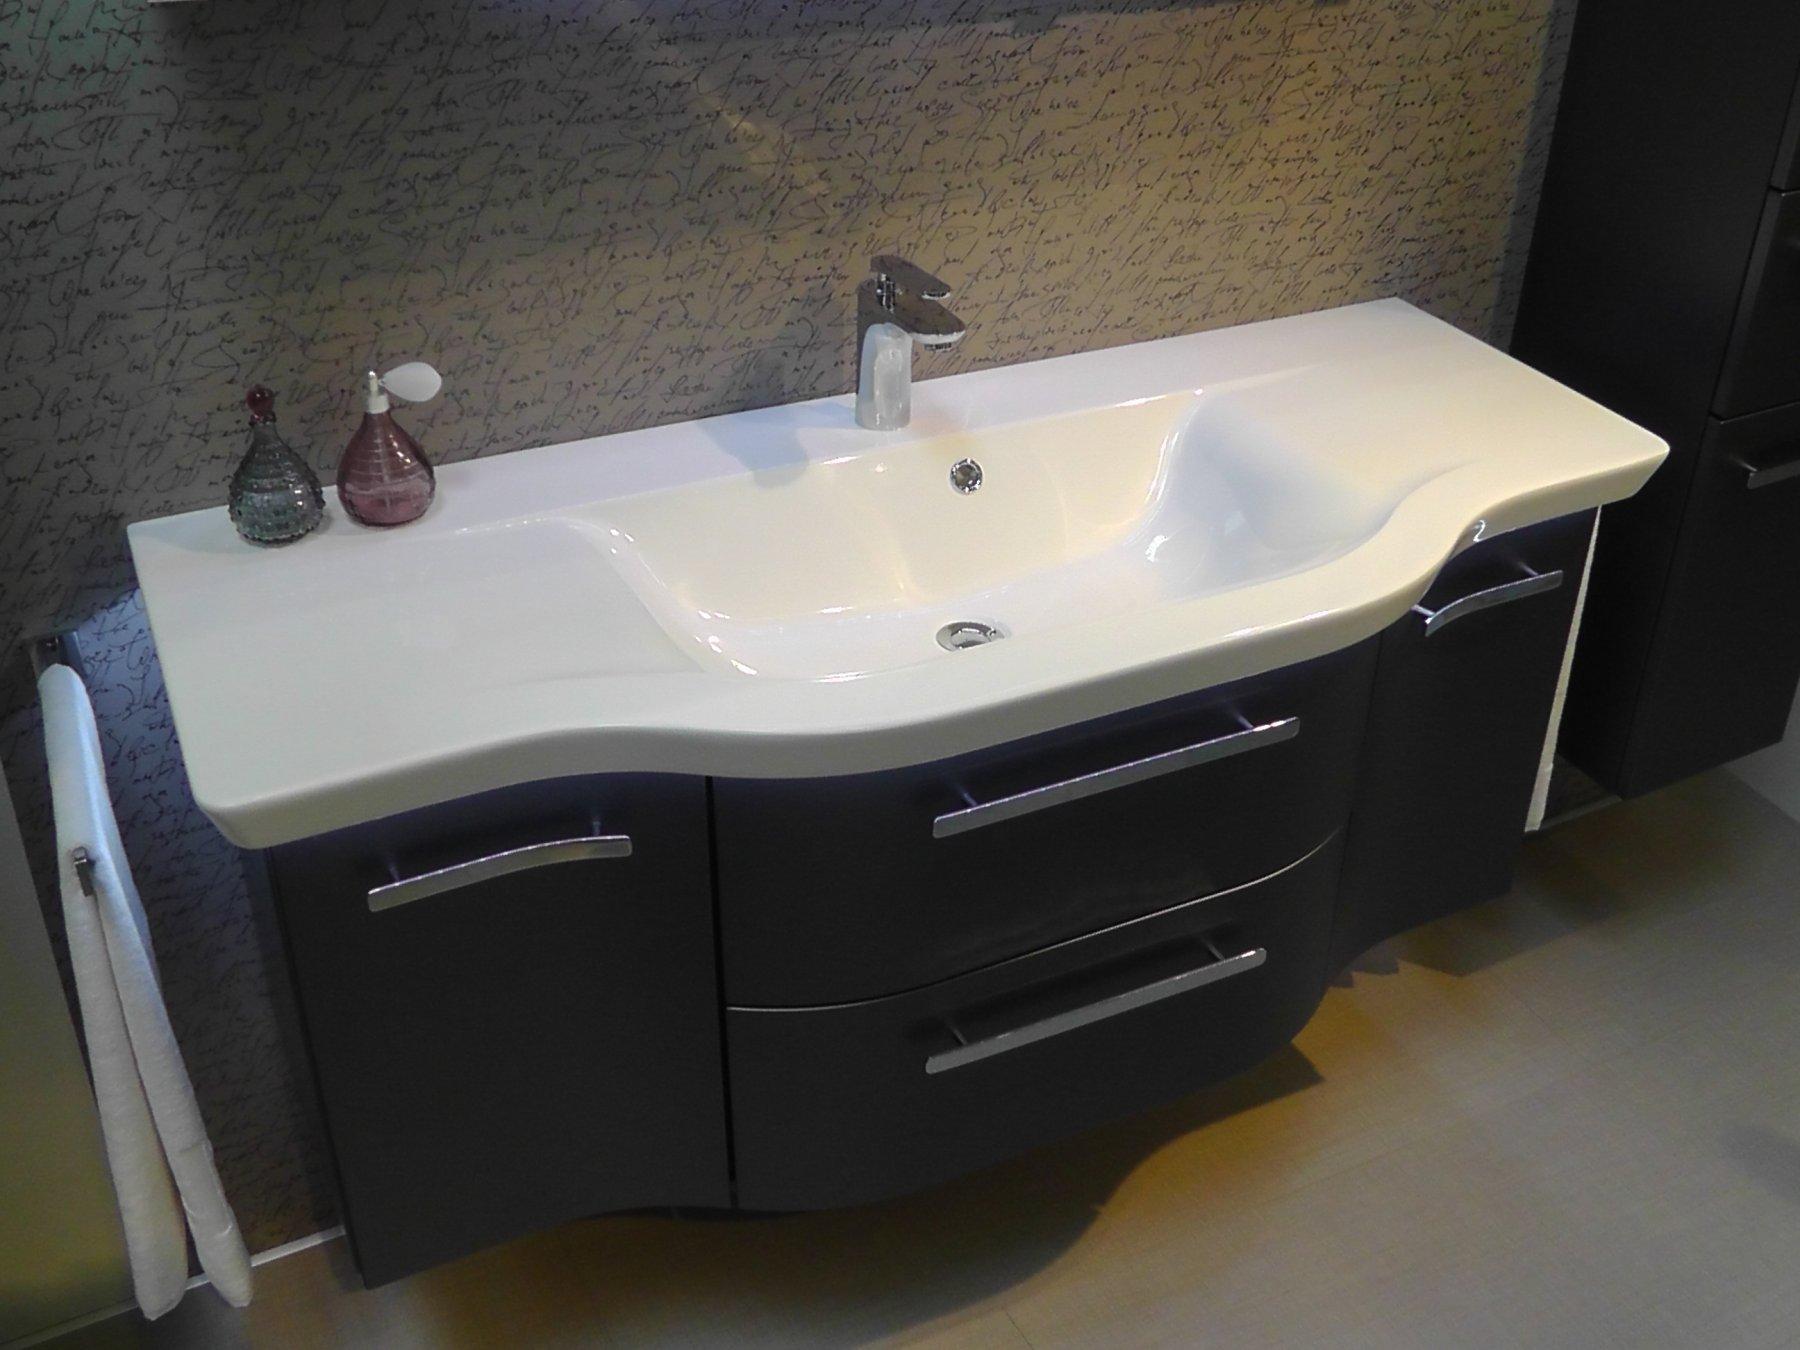 pelipal contea mineralgusswaschtisch 163 8 cm. Black Bedroom Furniture Sets. Home Design Ideas